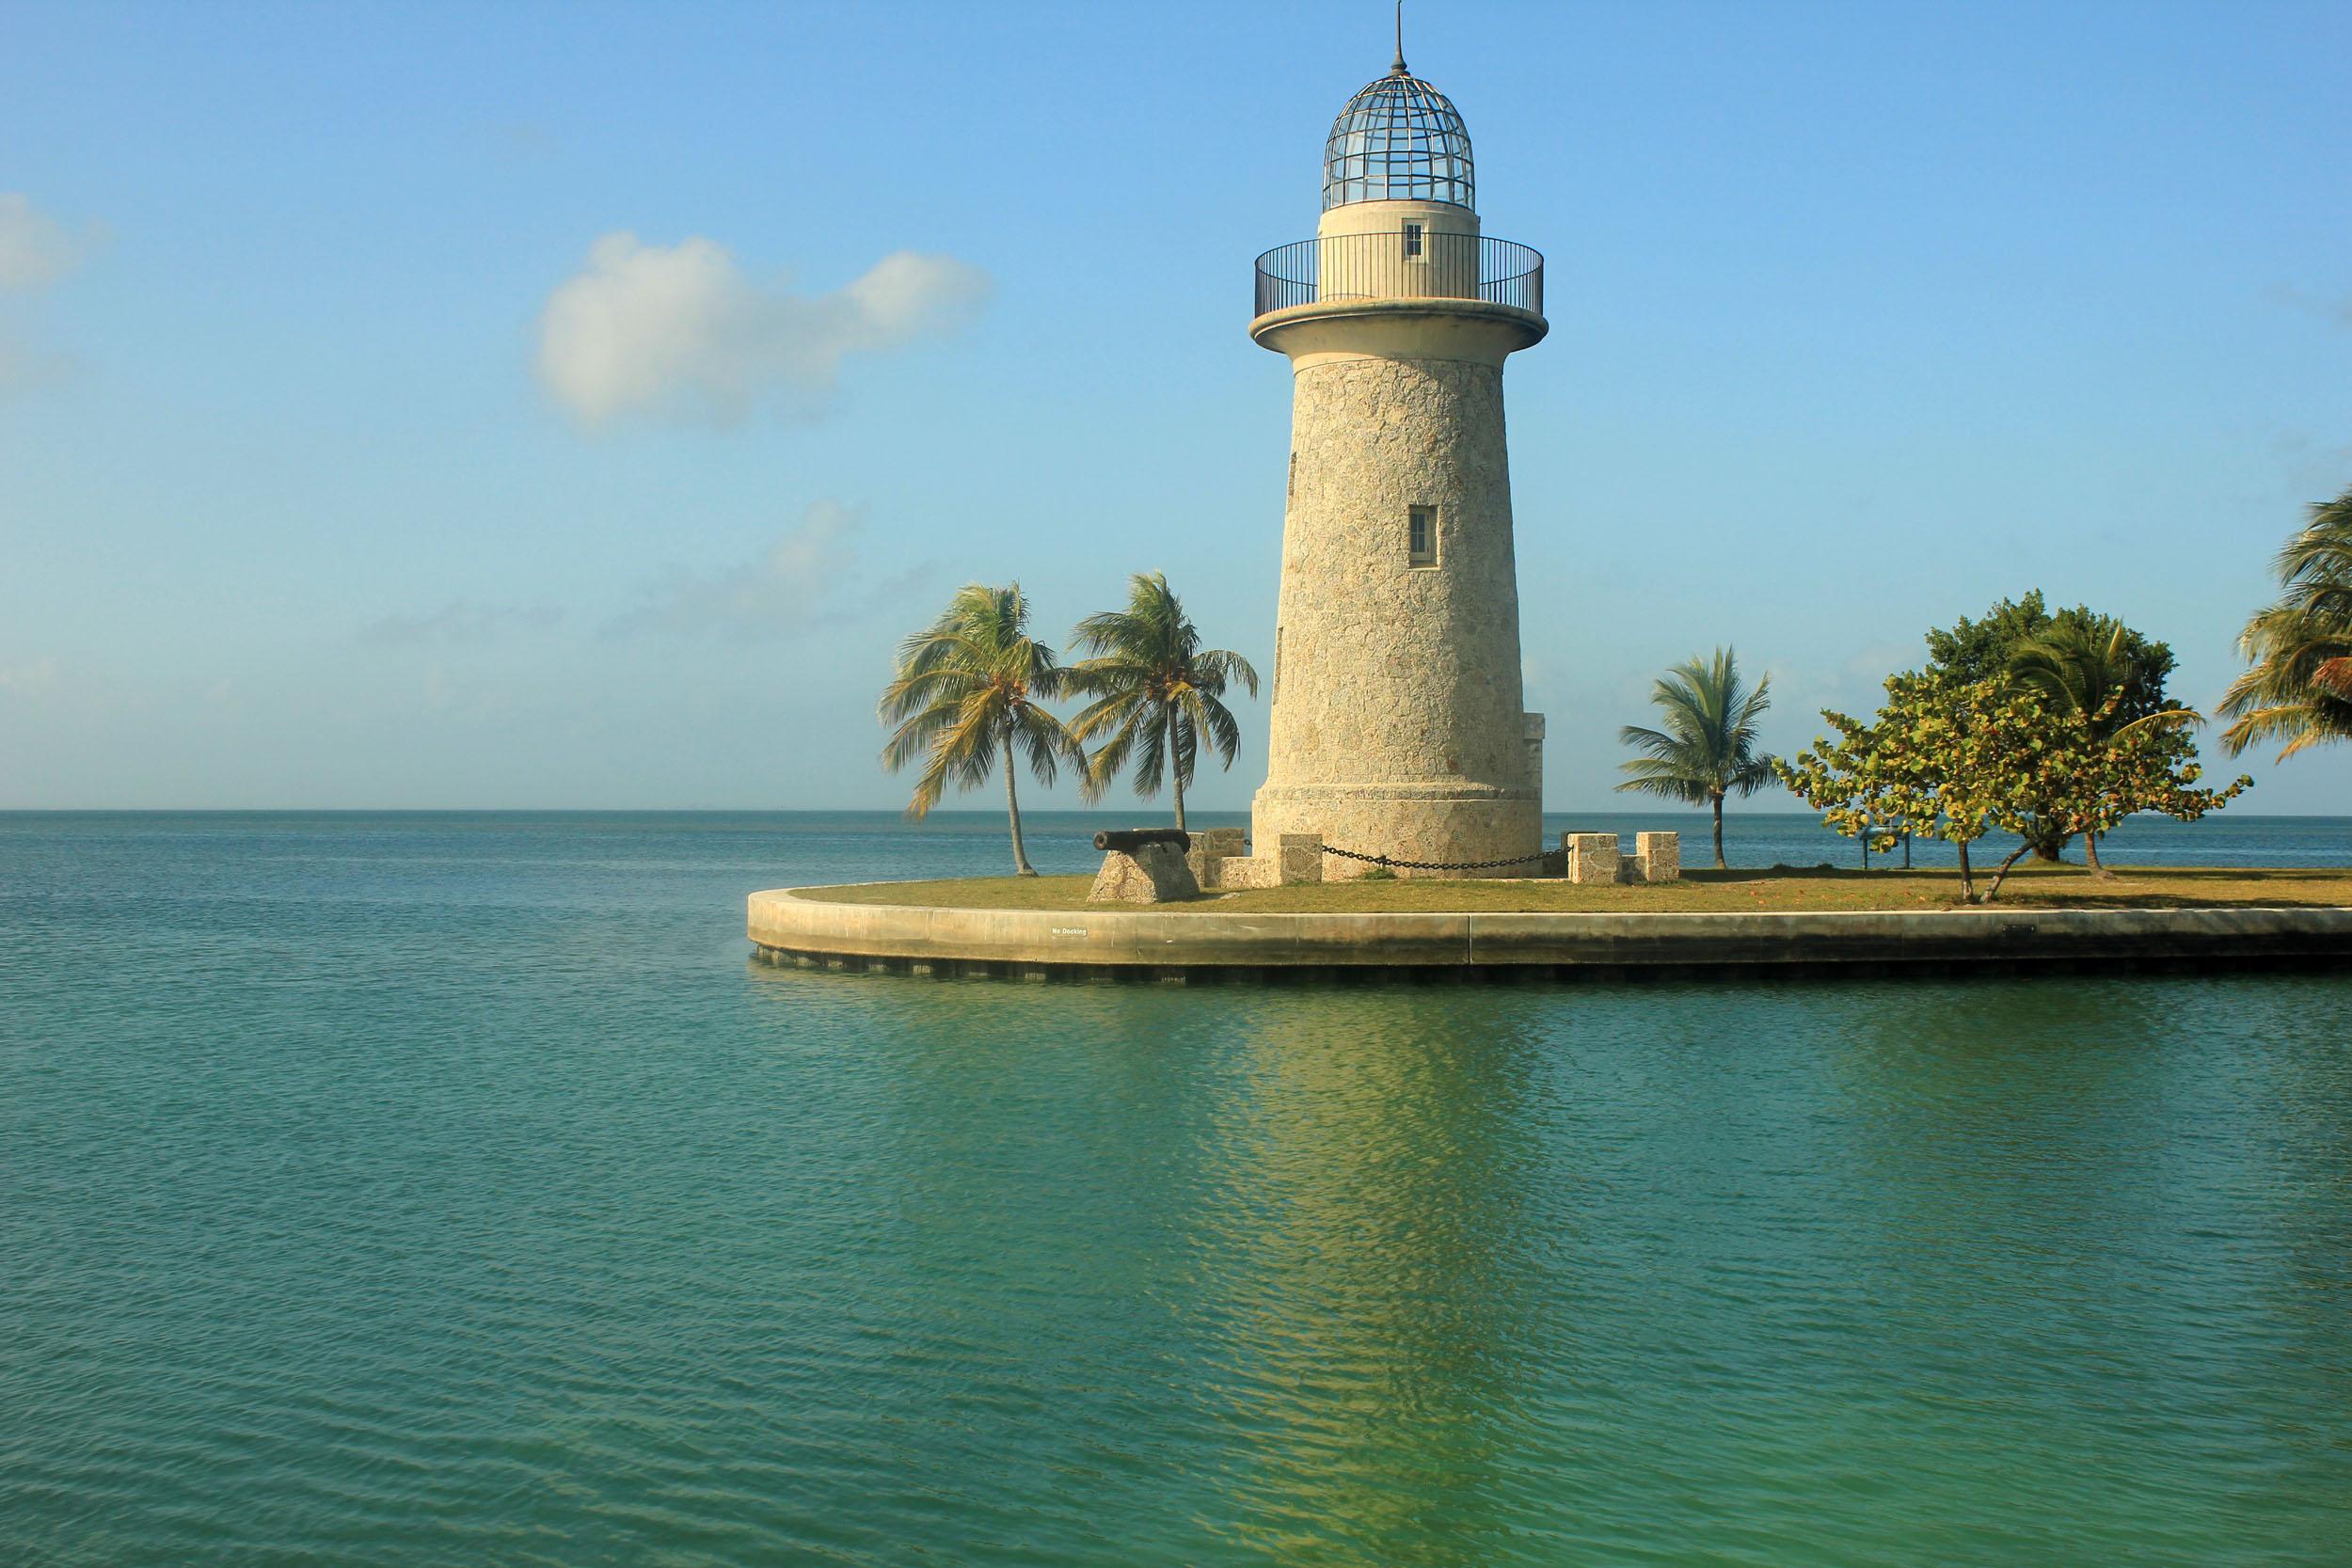 Gfp-florida-biscayne-national-park-lighthouse.jpg